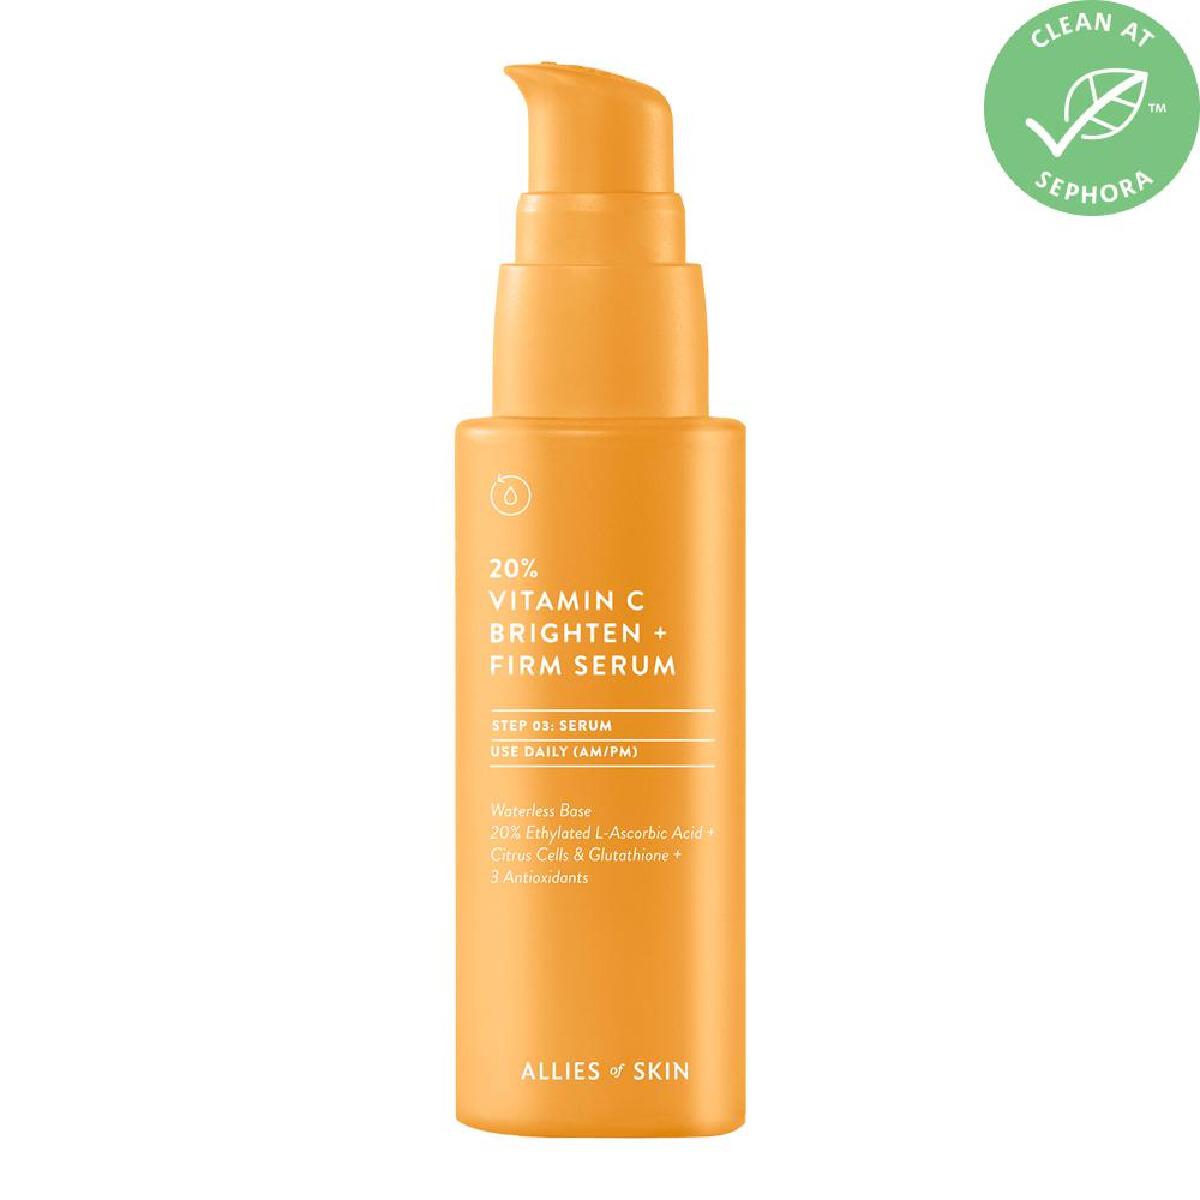 Allies of Skin 20% Vitamin C Brighten Firm Serum